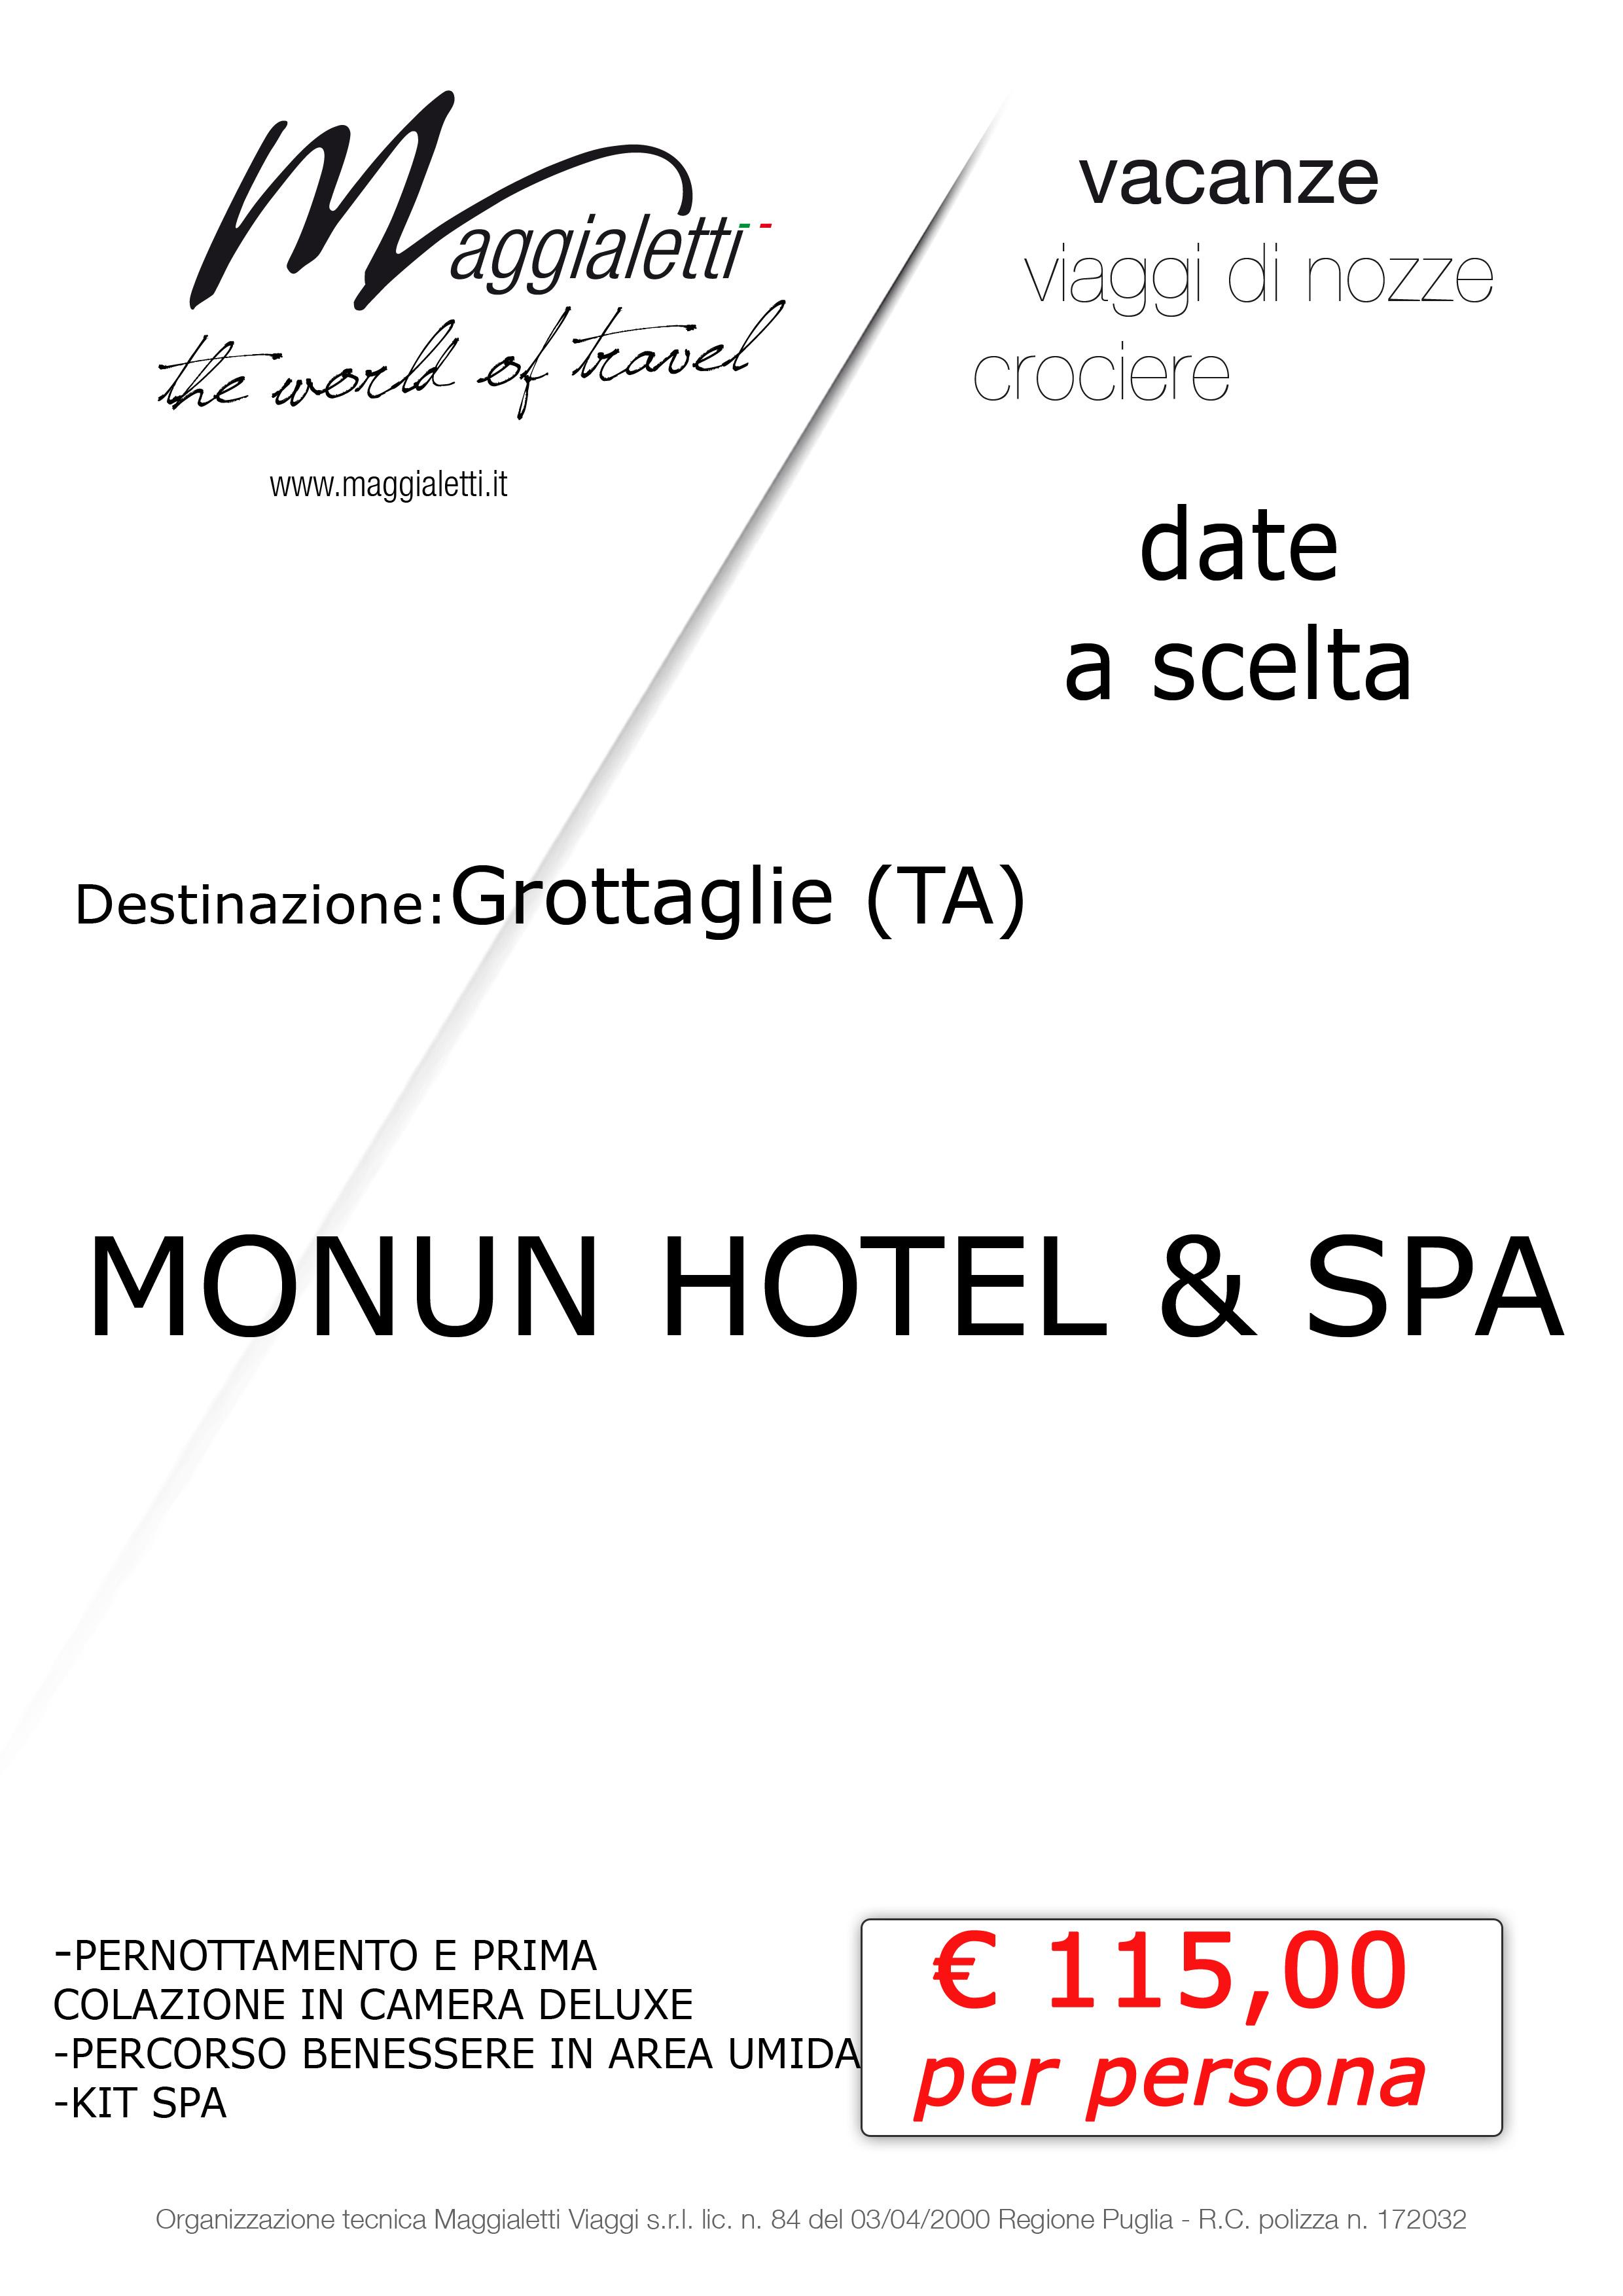 monun-hotel